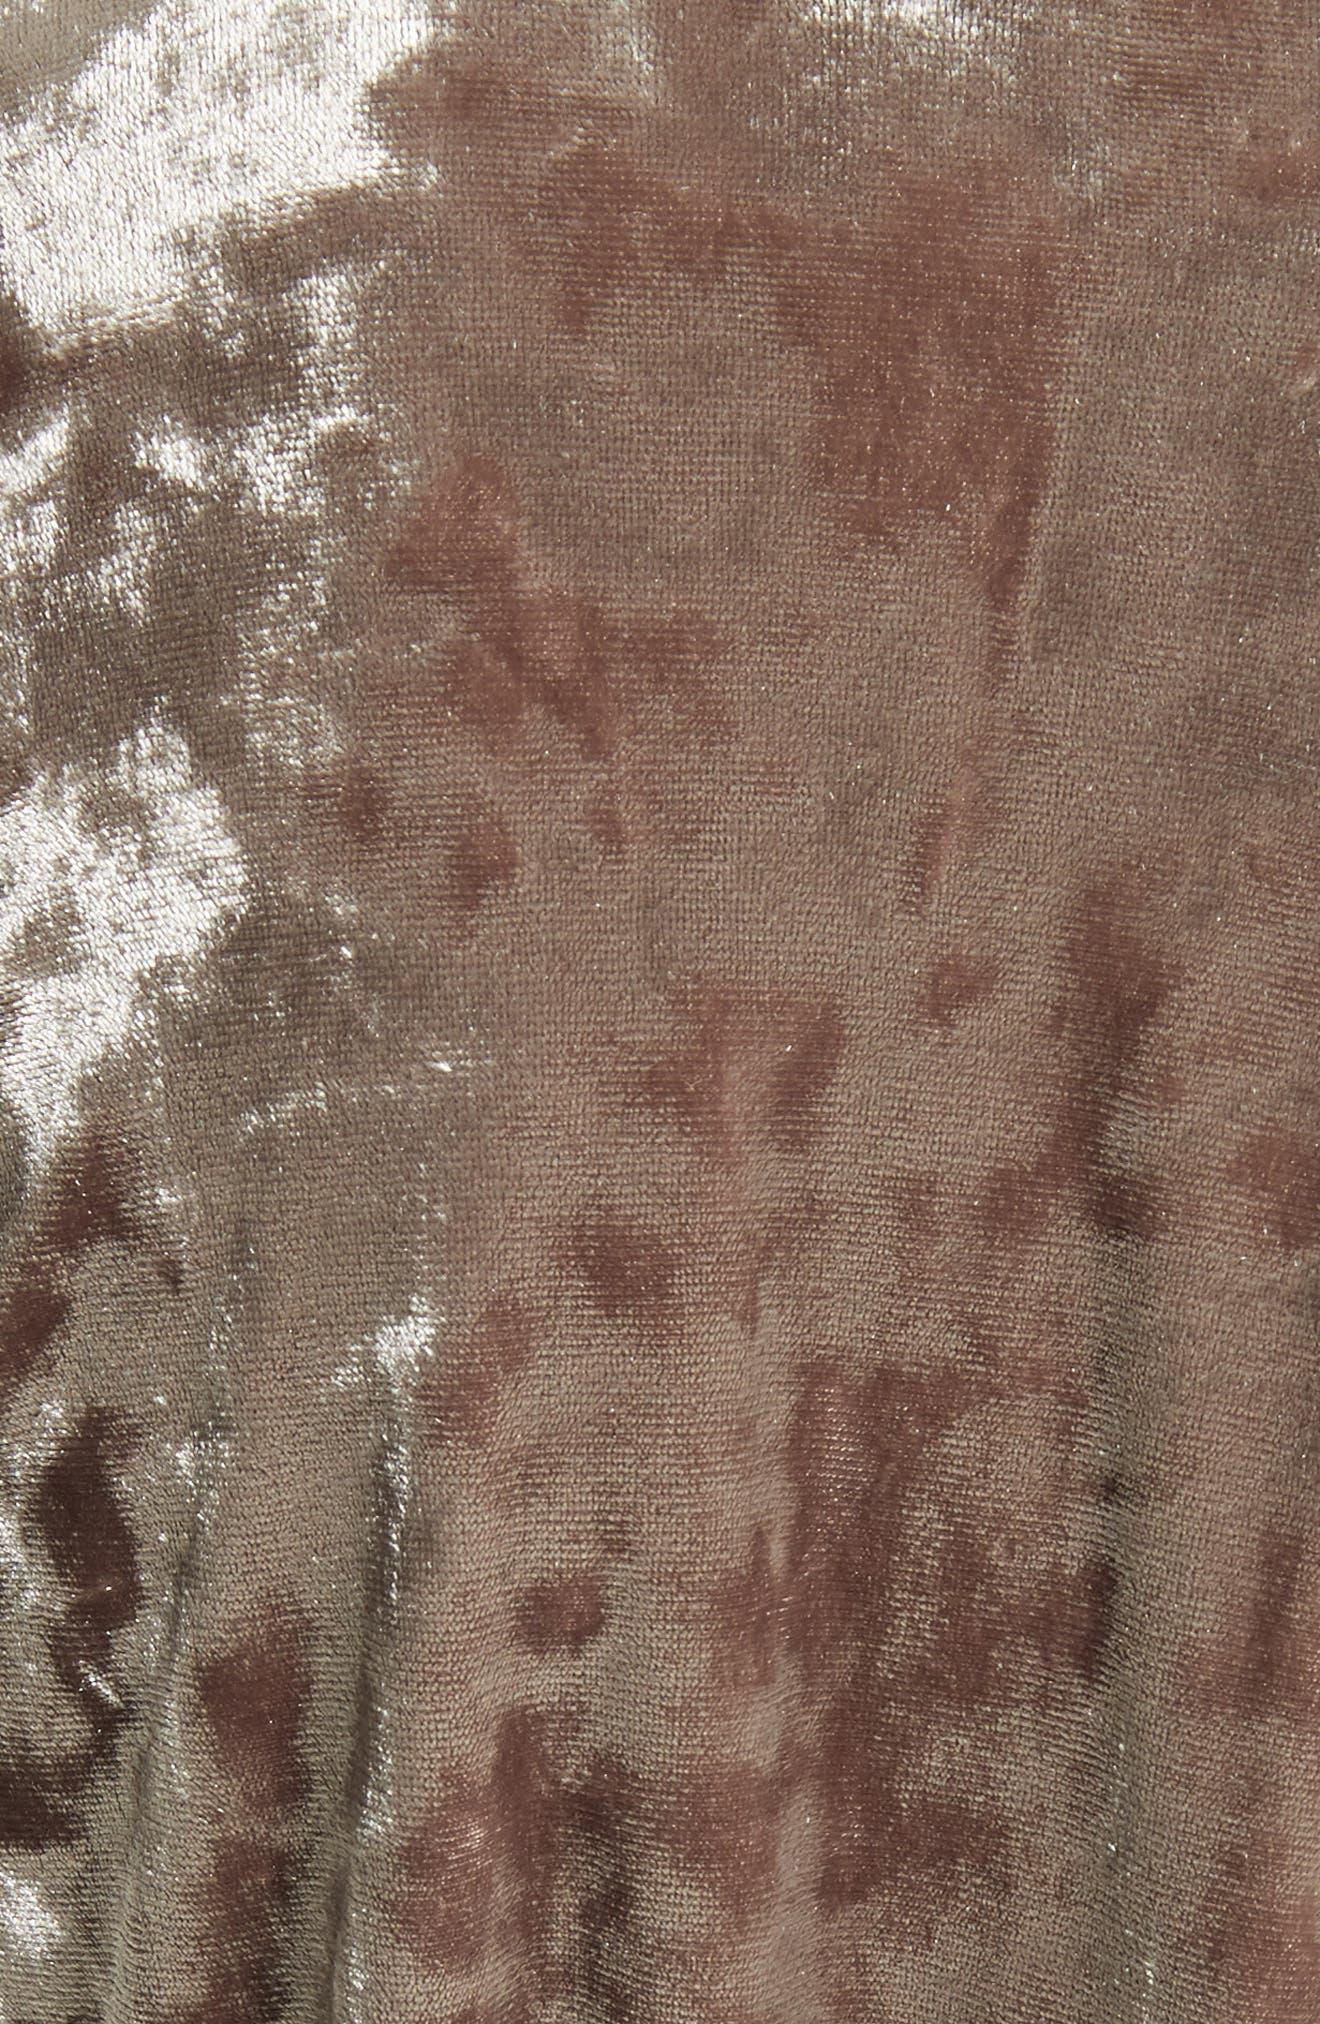 Gisele Crushed Velvet Tie Neck Blouse,                             Alternate thumbnail 5, color,                             300